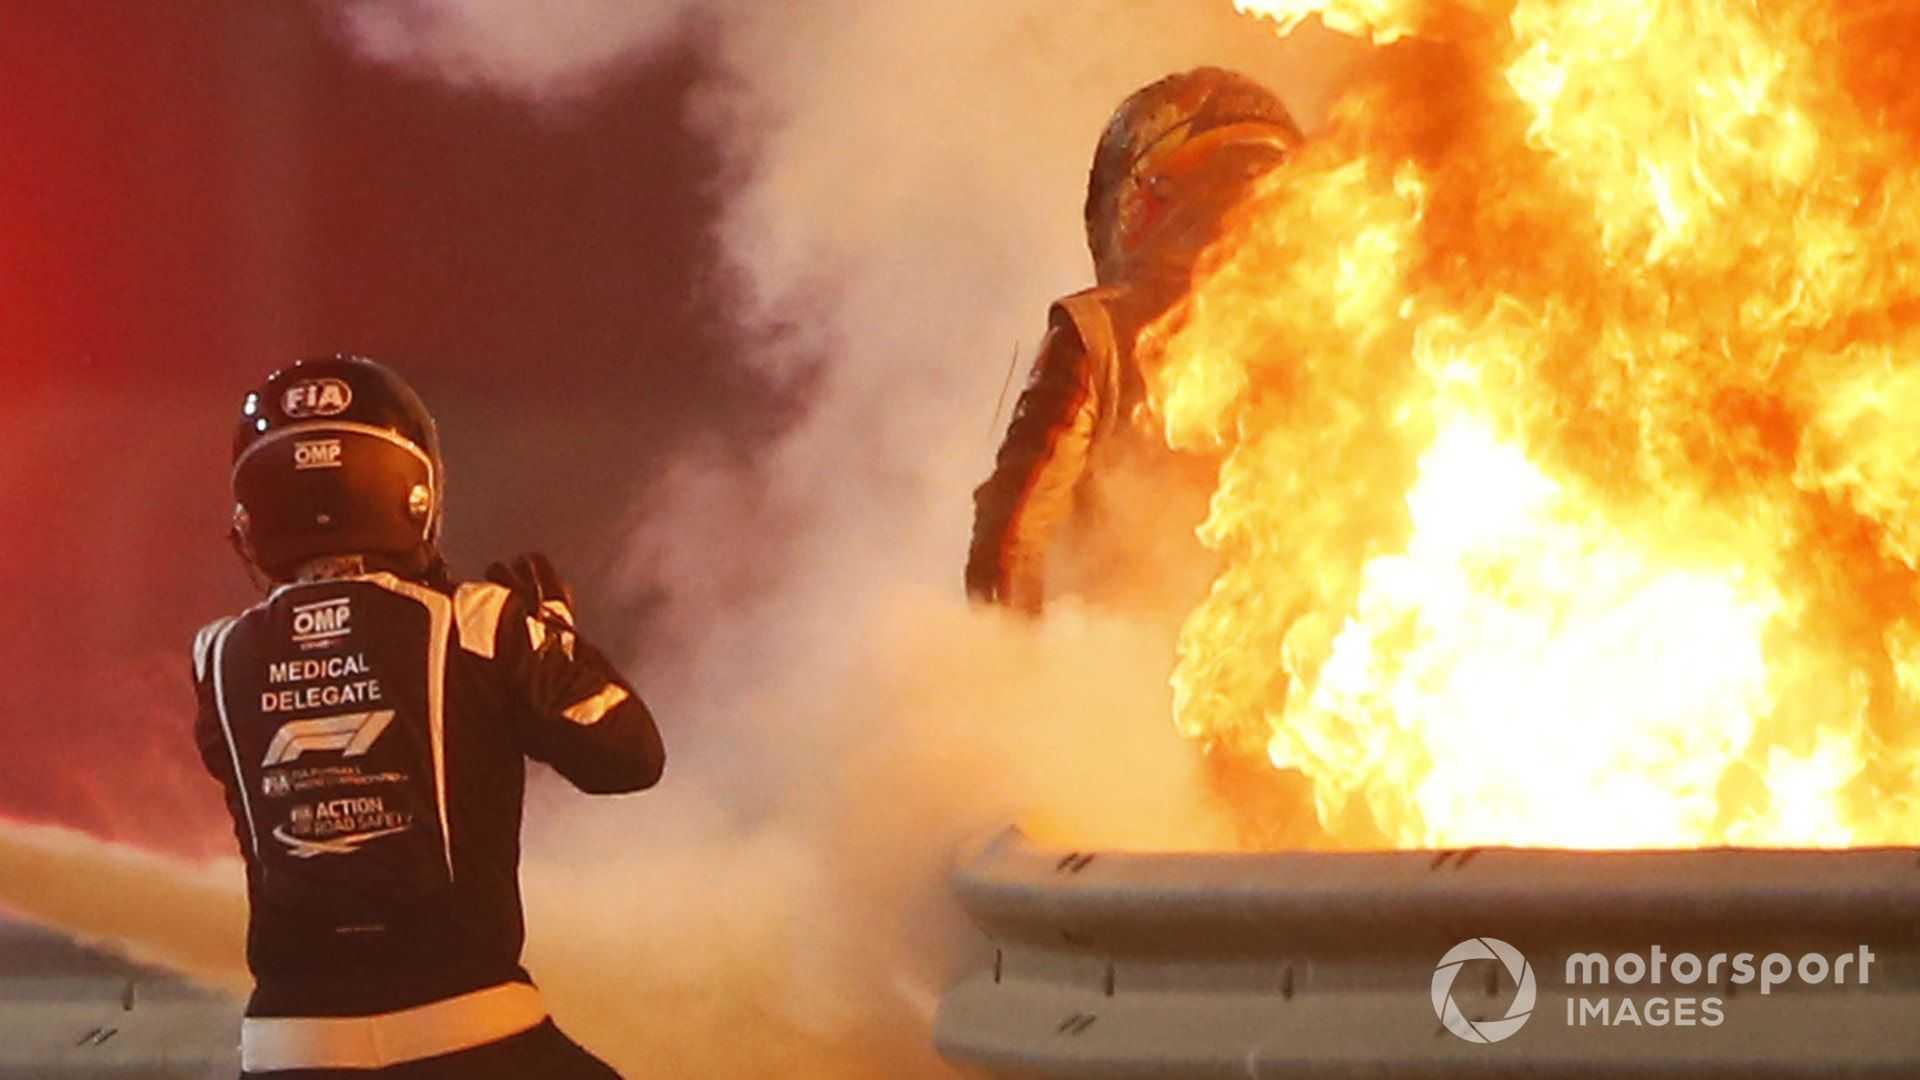 انتظروا حتى يهرب غروجان من حريق في البحرين 'شعر وكأنه عصور'